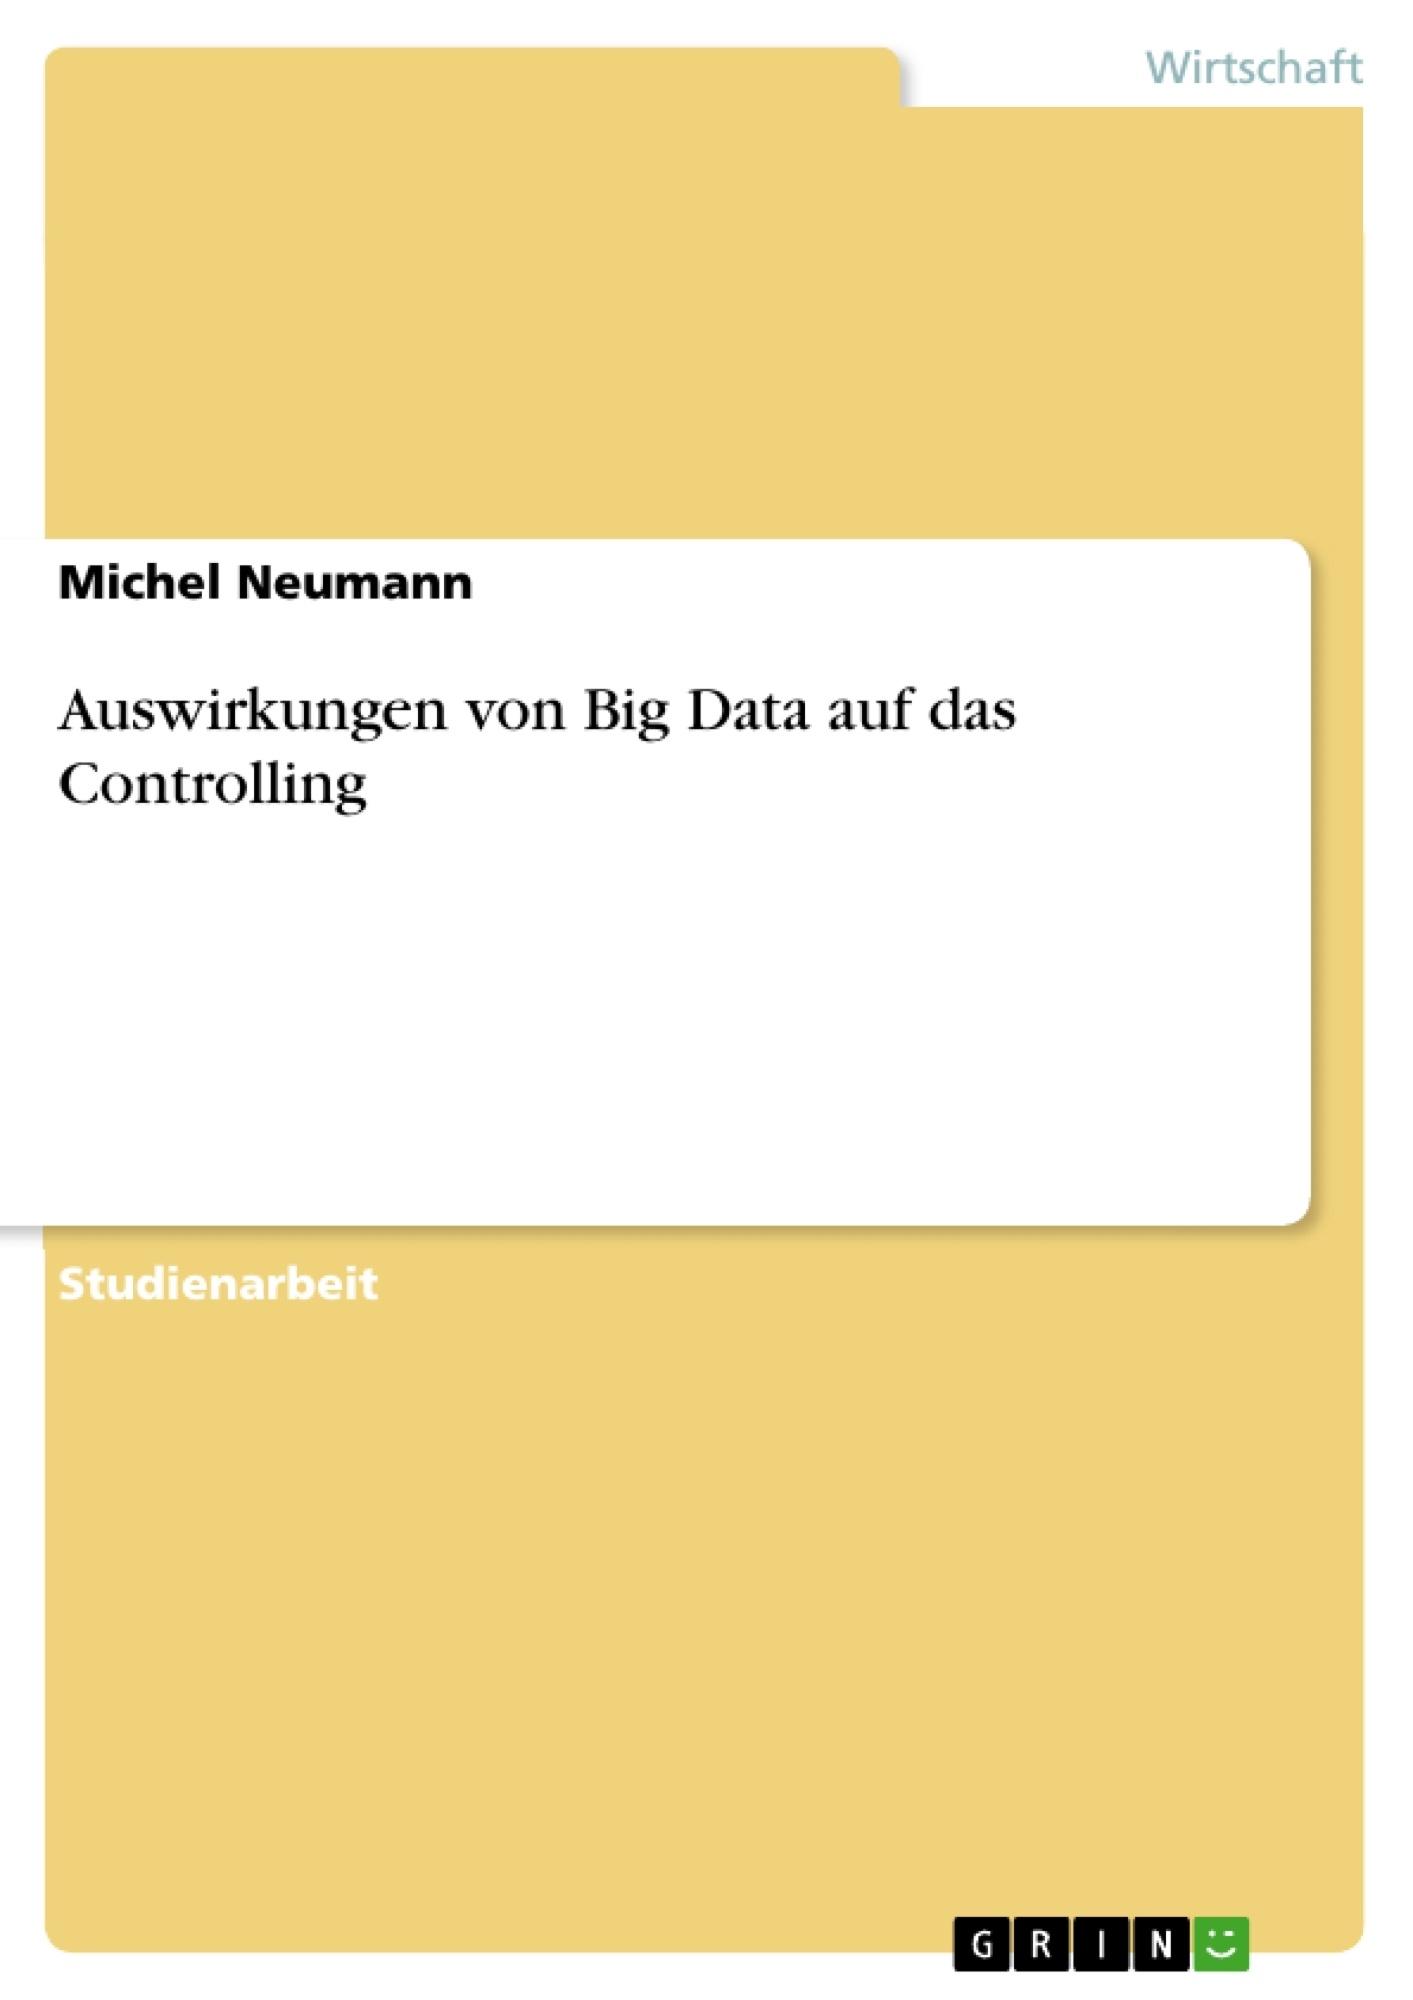 Titel: Auswirkungen von Big Data auf das Controlling